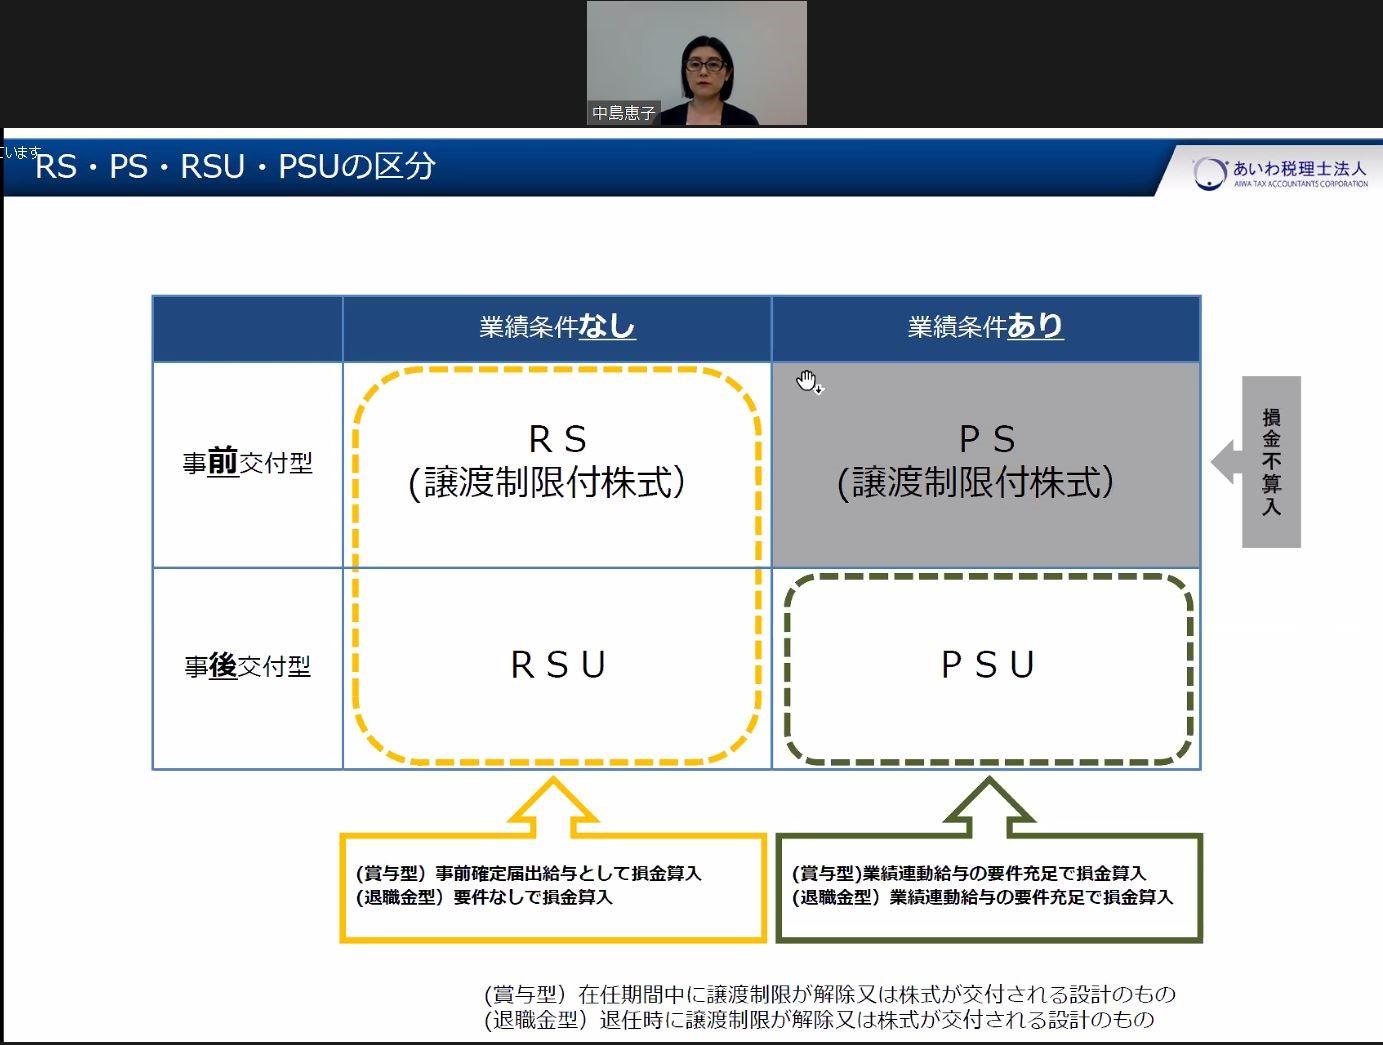 譲渡制限付株式報酬制度(RS)等の区分